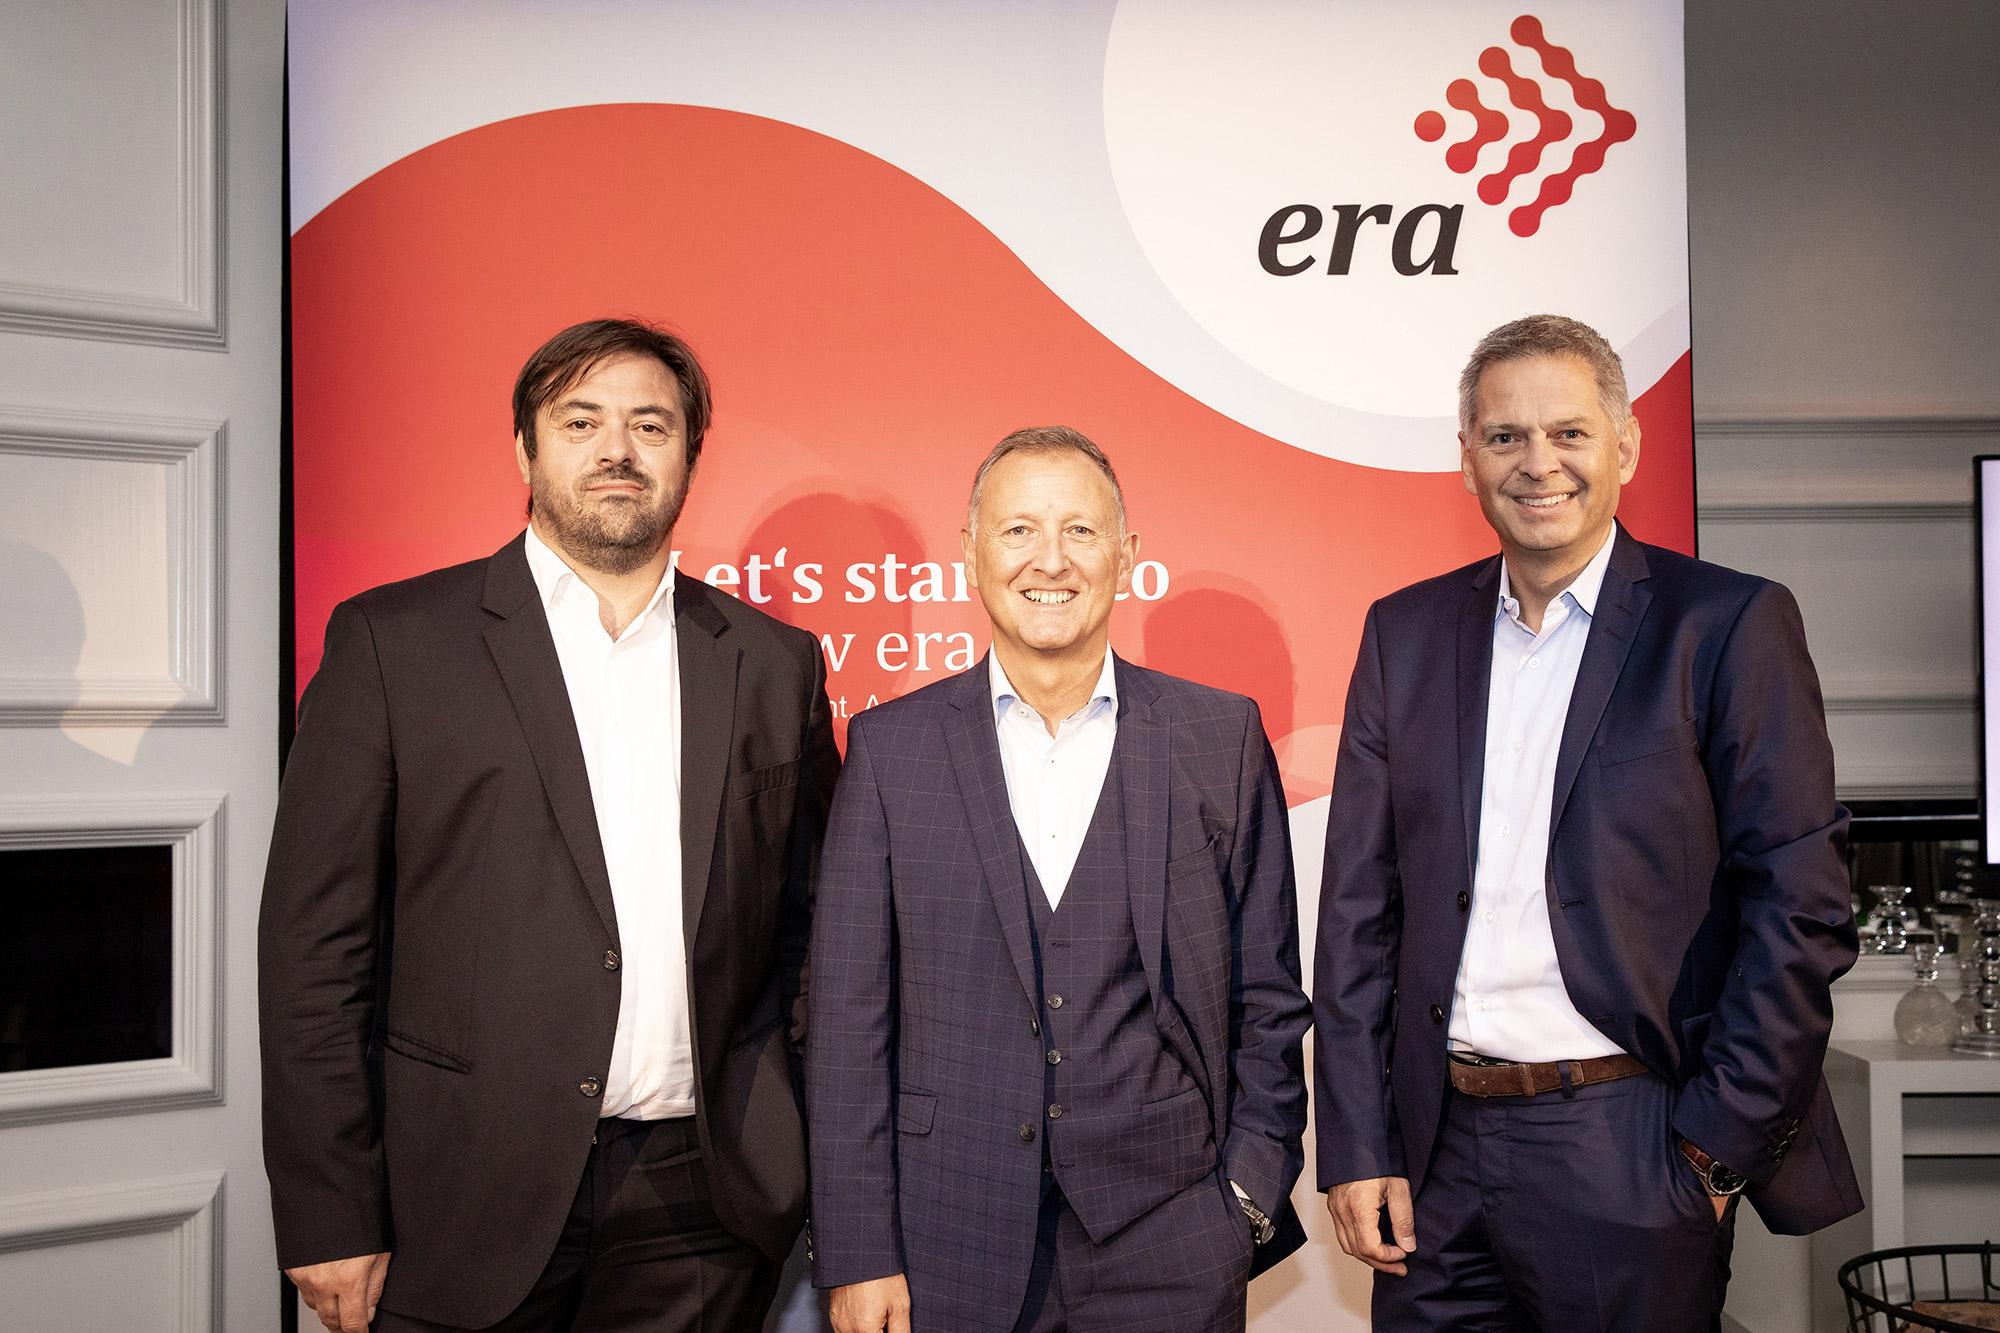 Startklar: Enrique Martinez, CEO Fnac Darty, Klaus-Peter Voigt, CEO European Retail Alliance und Pieter Haas, CEO MediaMarktSaturn Retail Group.